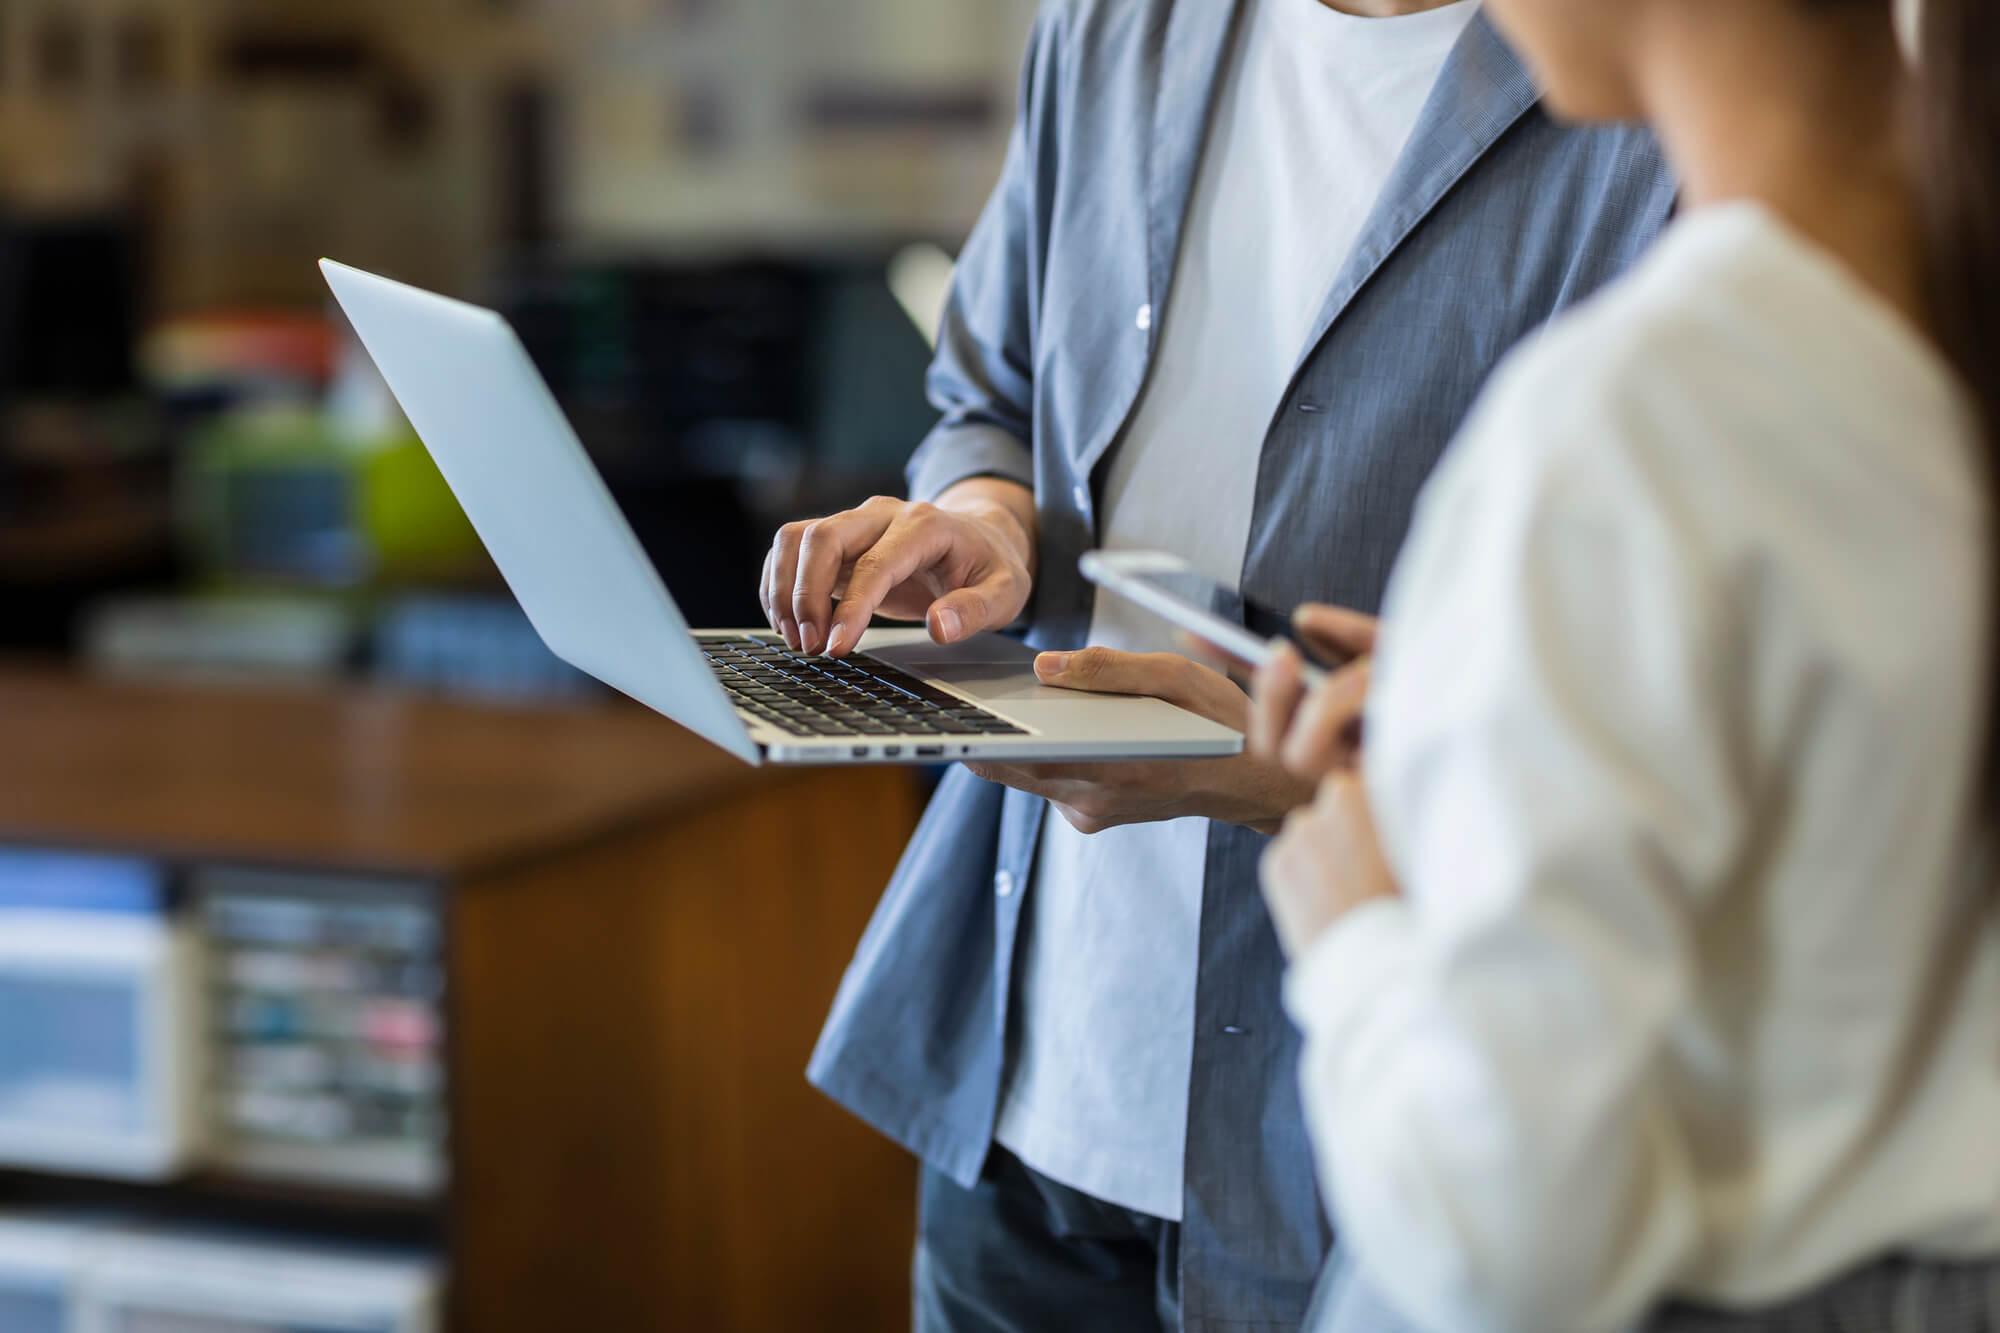 新卒社員の離職率の高さと企業に与える影響